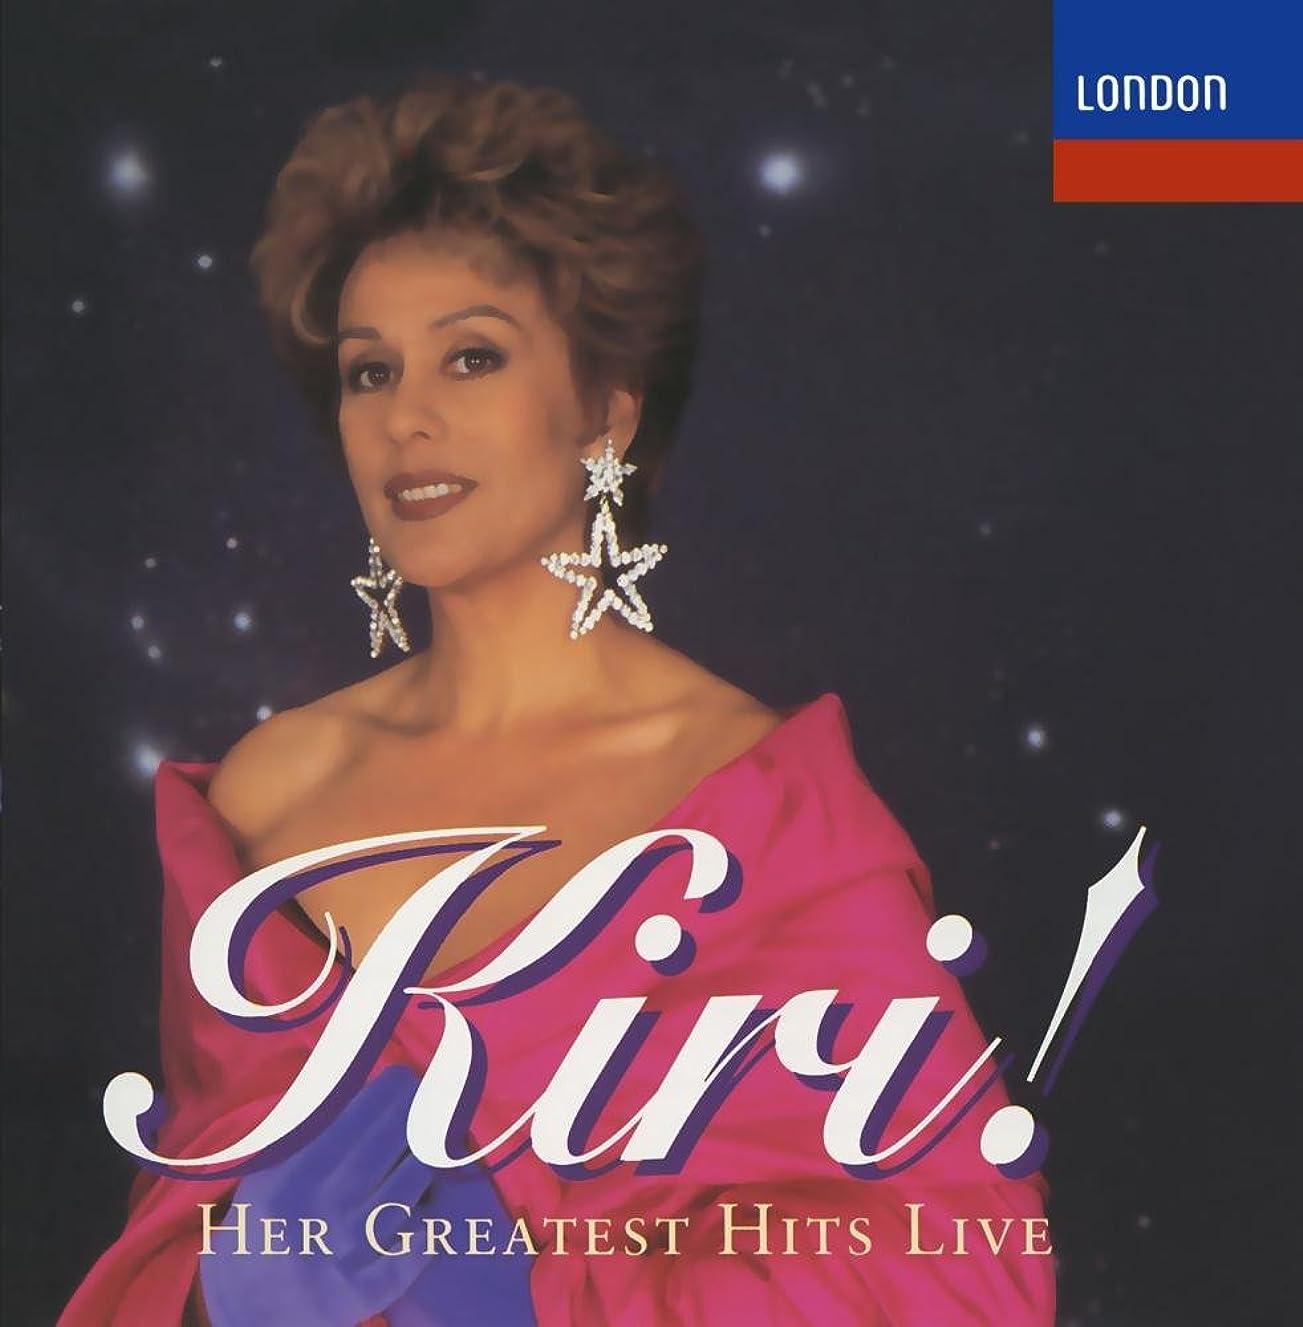 Kiri! Her Greatest Hits Live